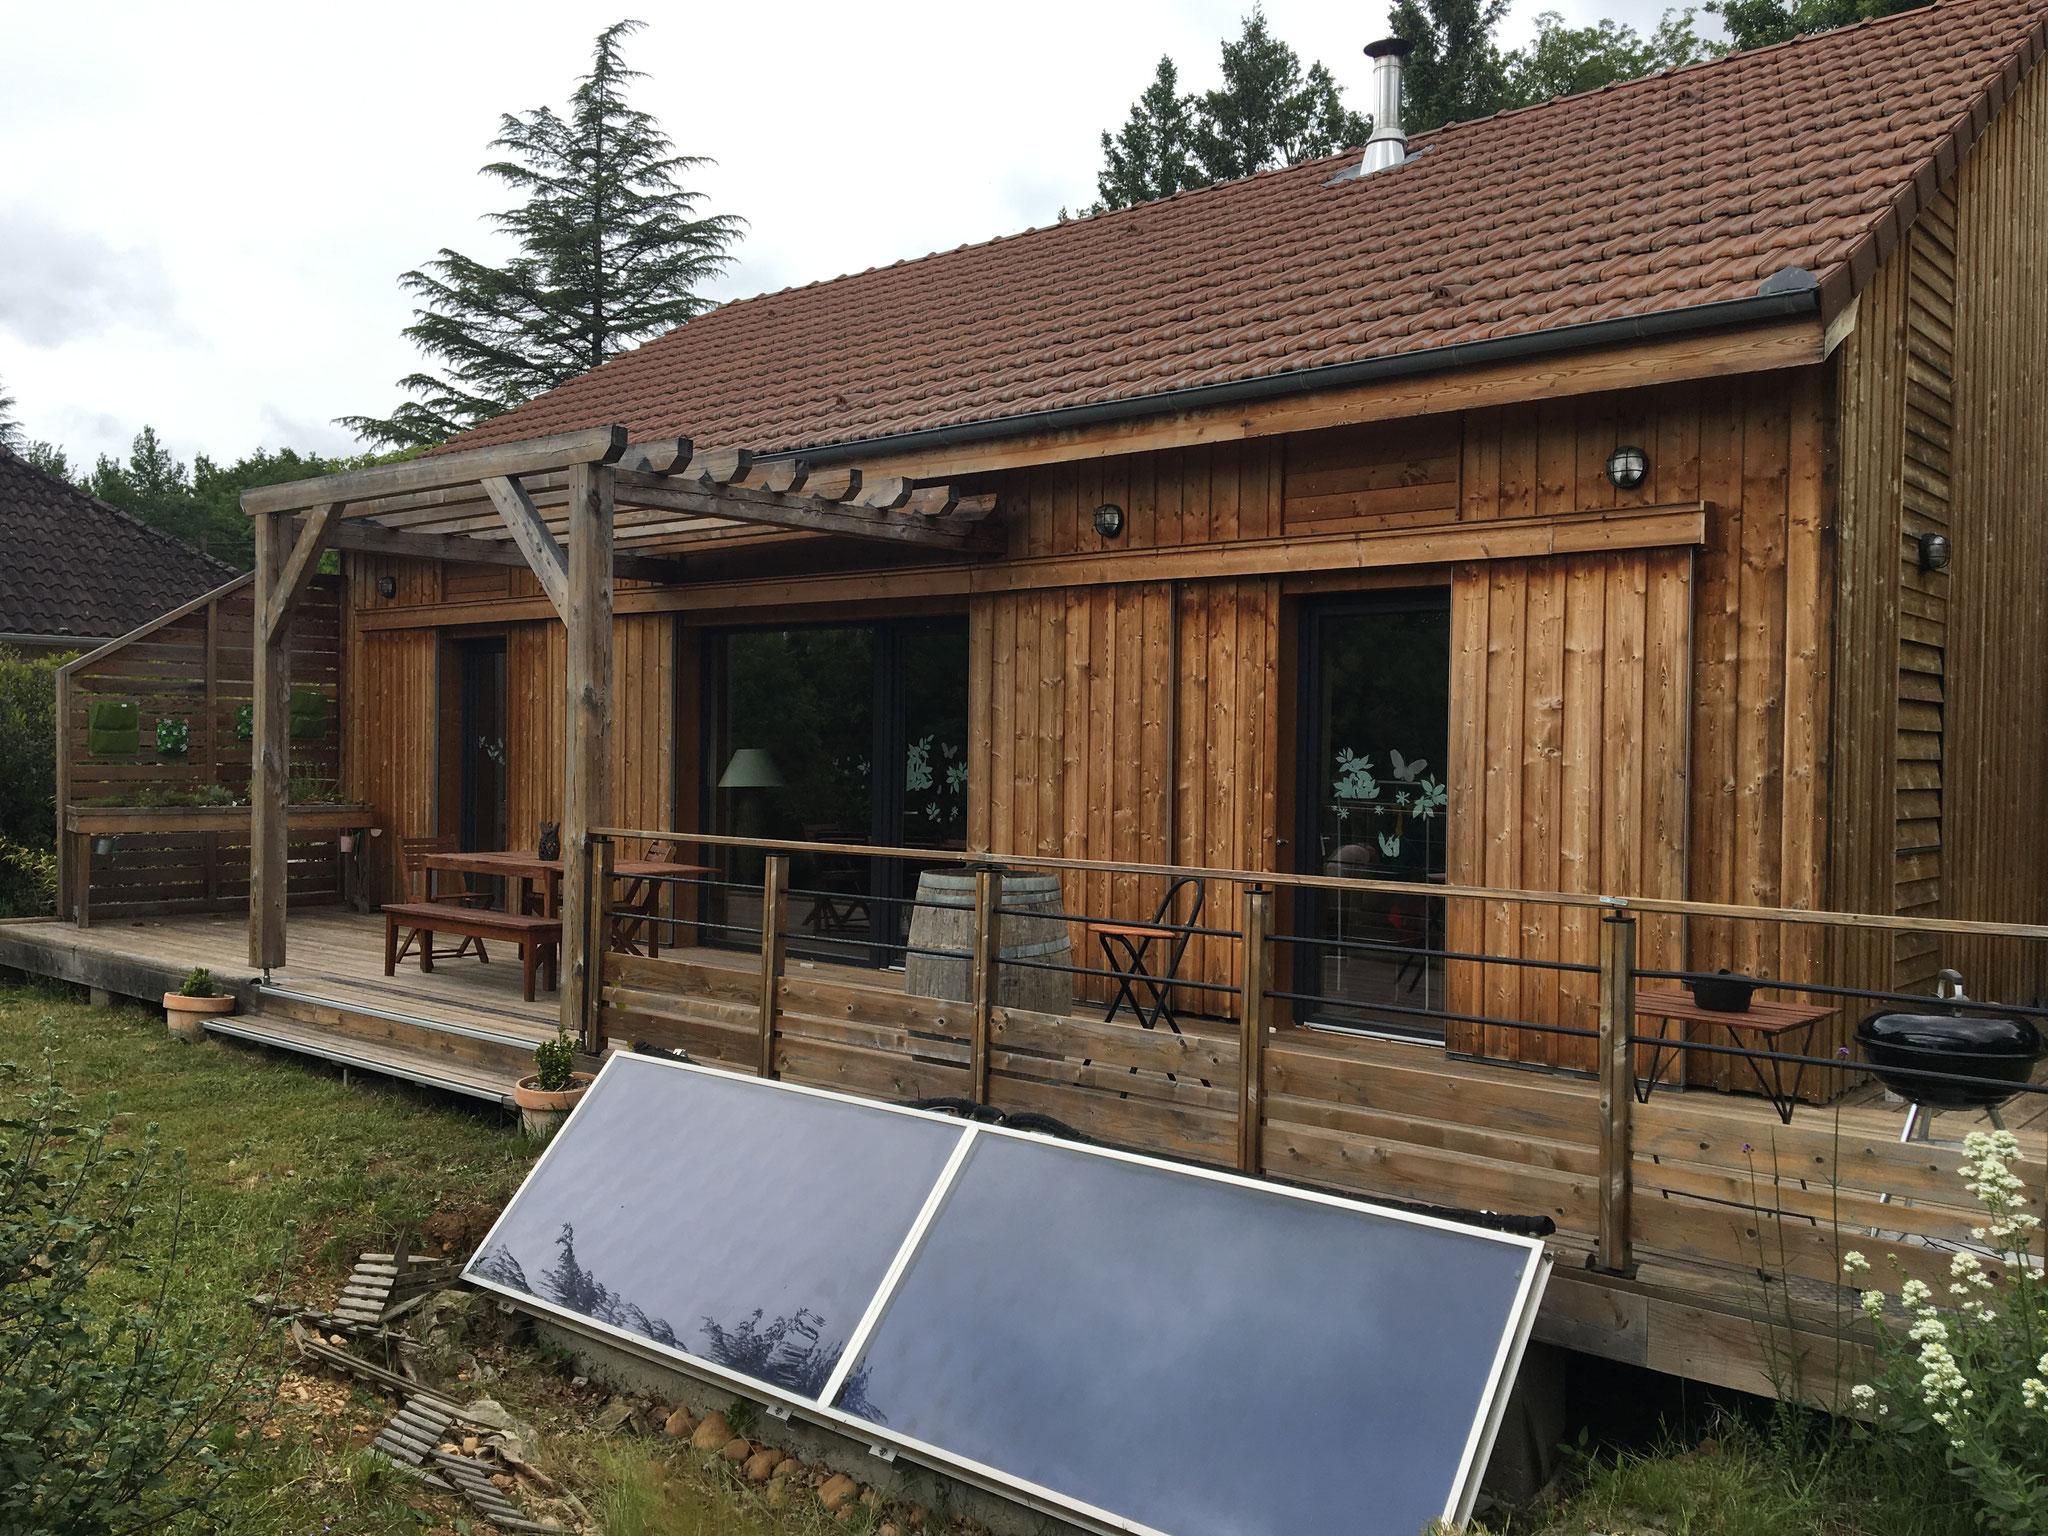 Panneaux solaires pour eau chaude sanitaire